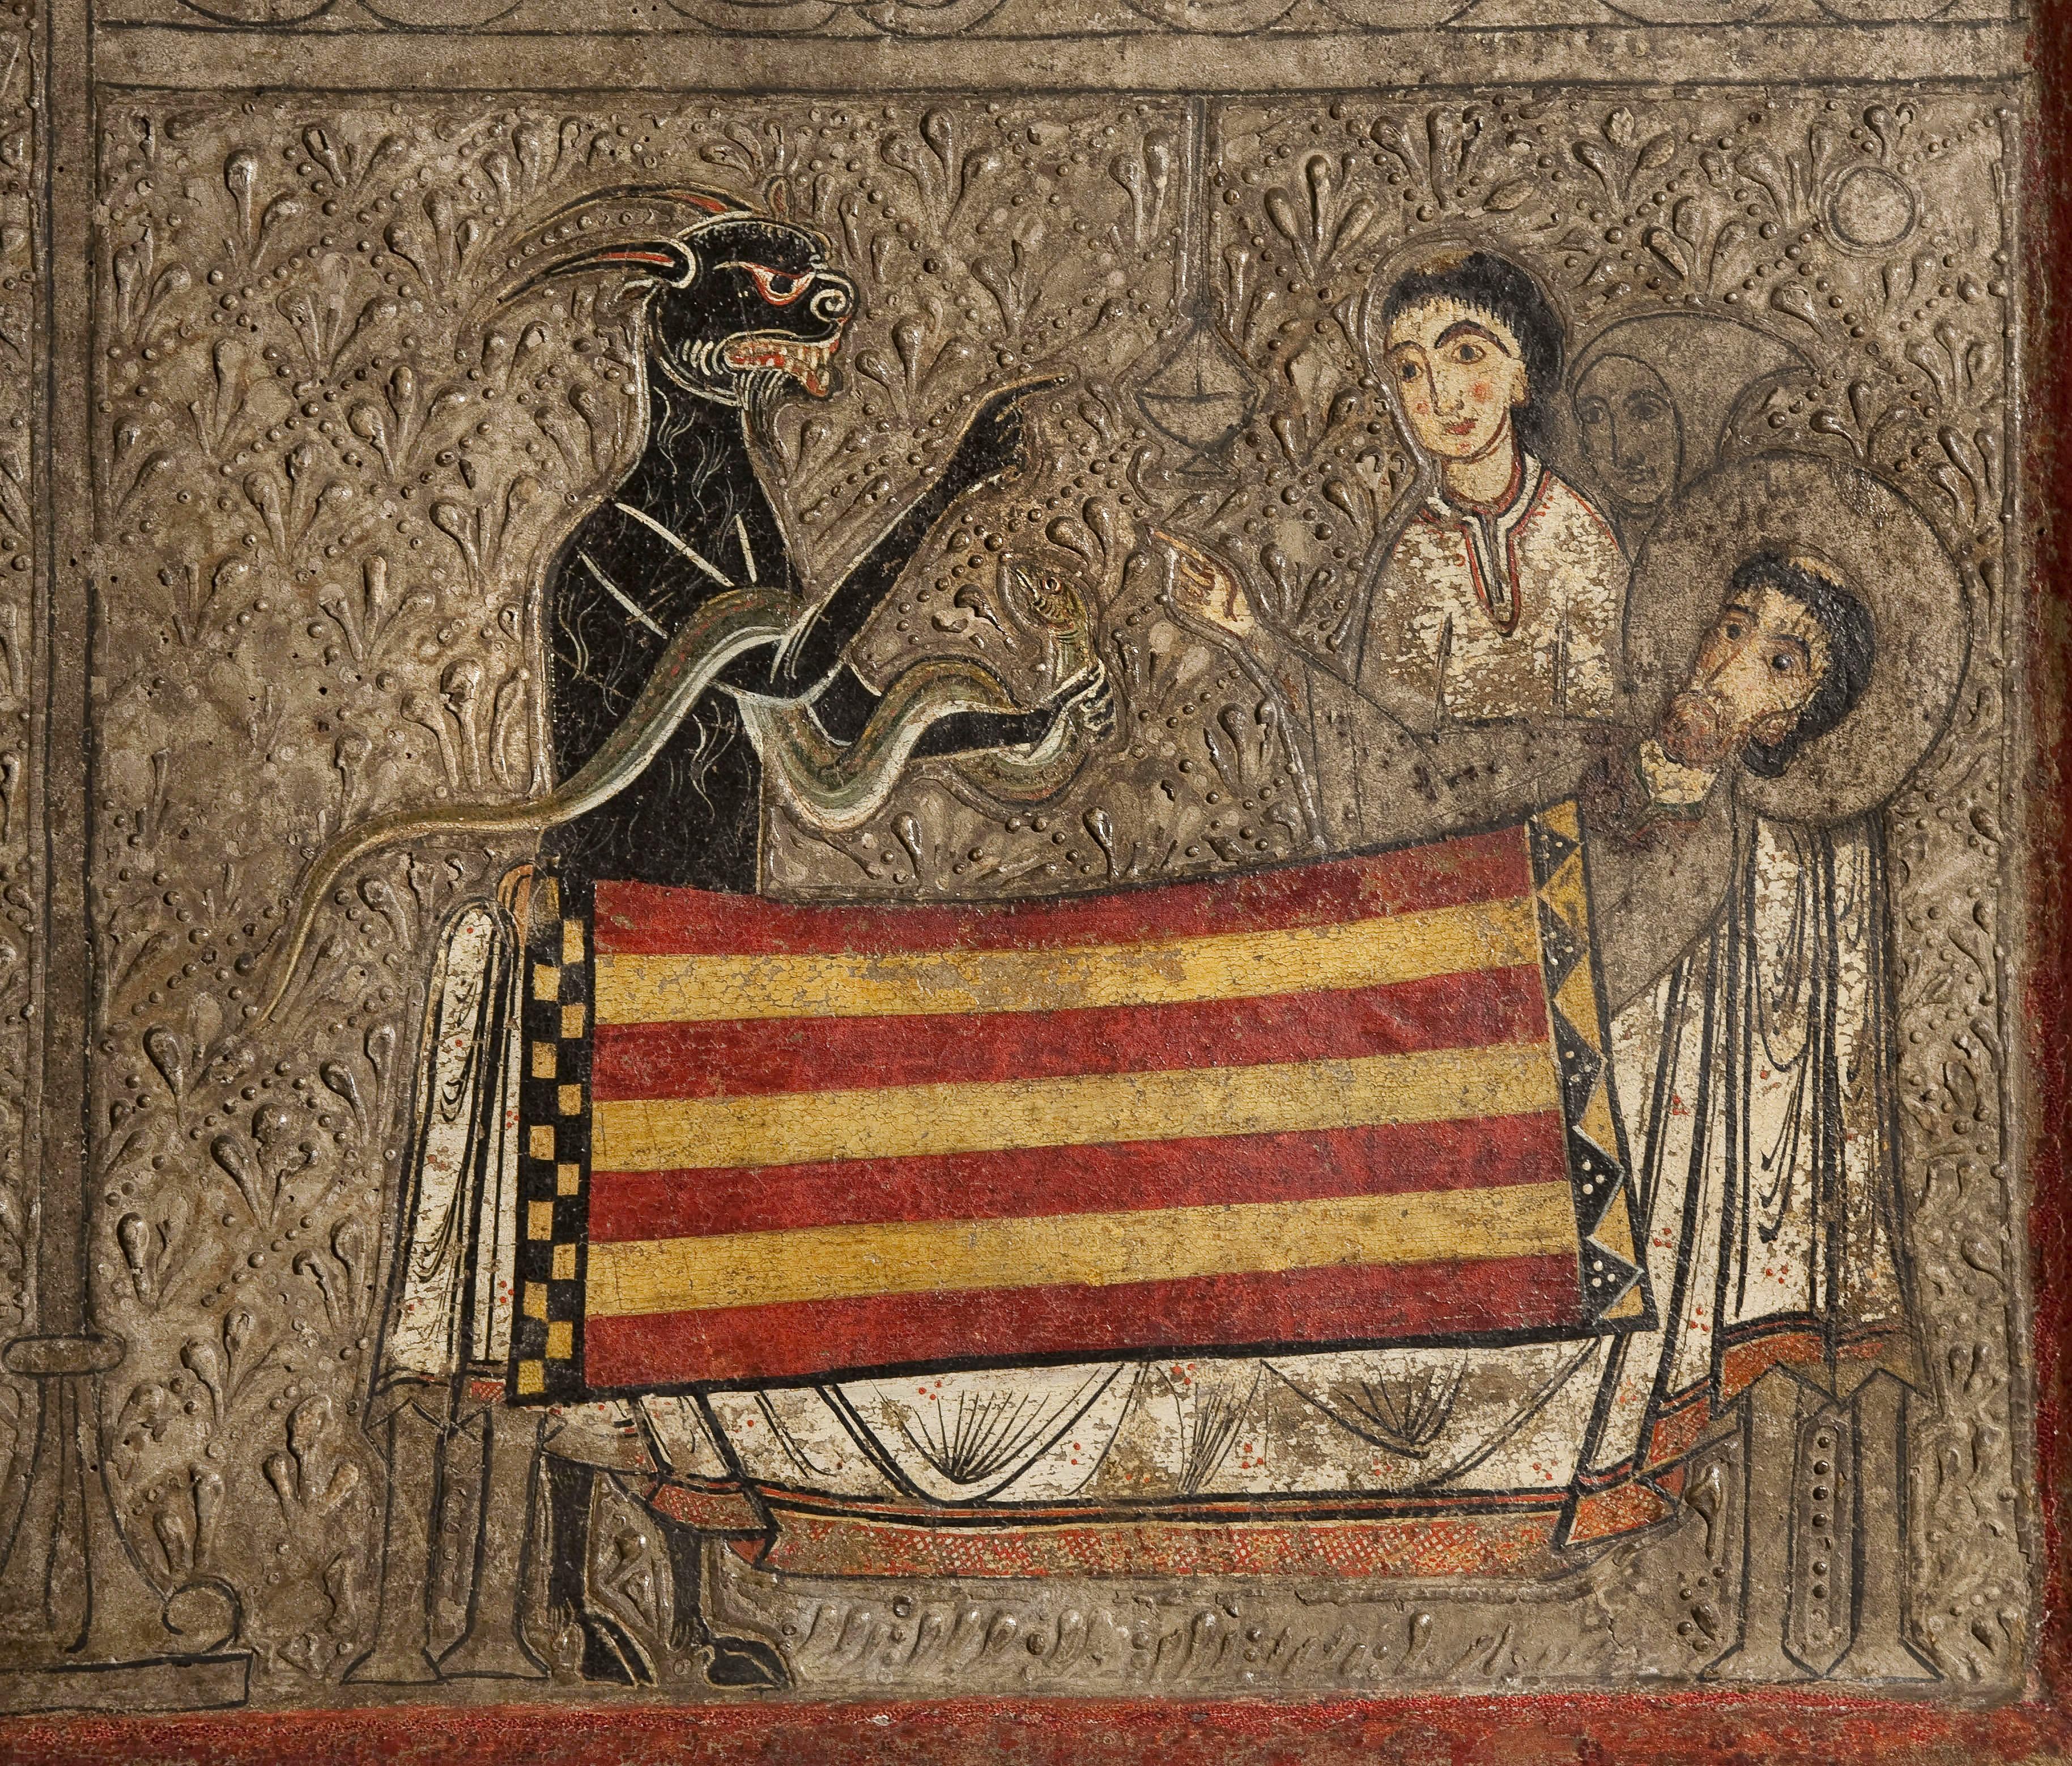 Iohannes. Taller de la Ribagorça - Frontal d'altar de Gia - Segona meitat del segle XIII [2]